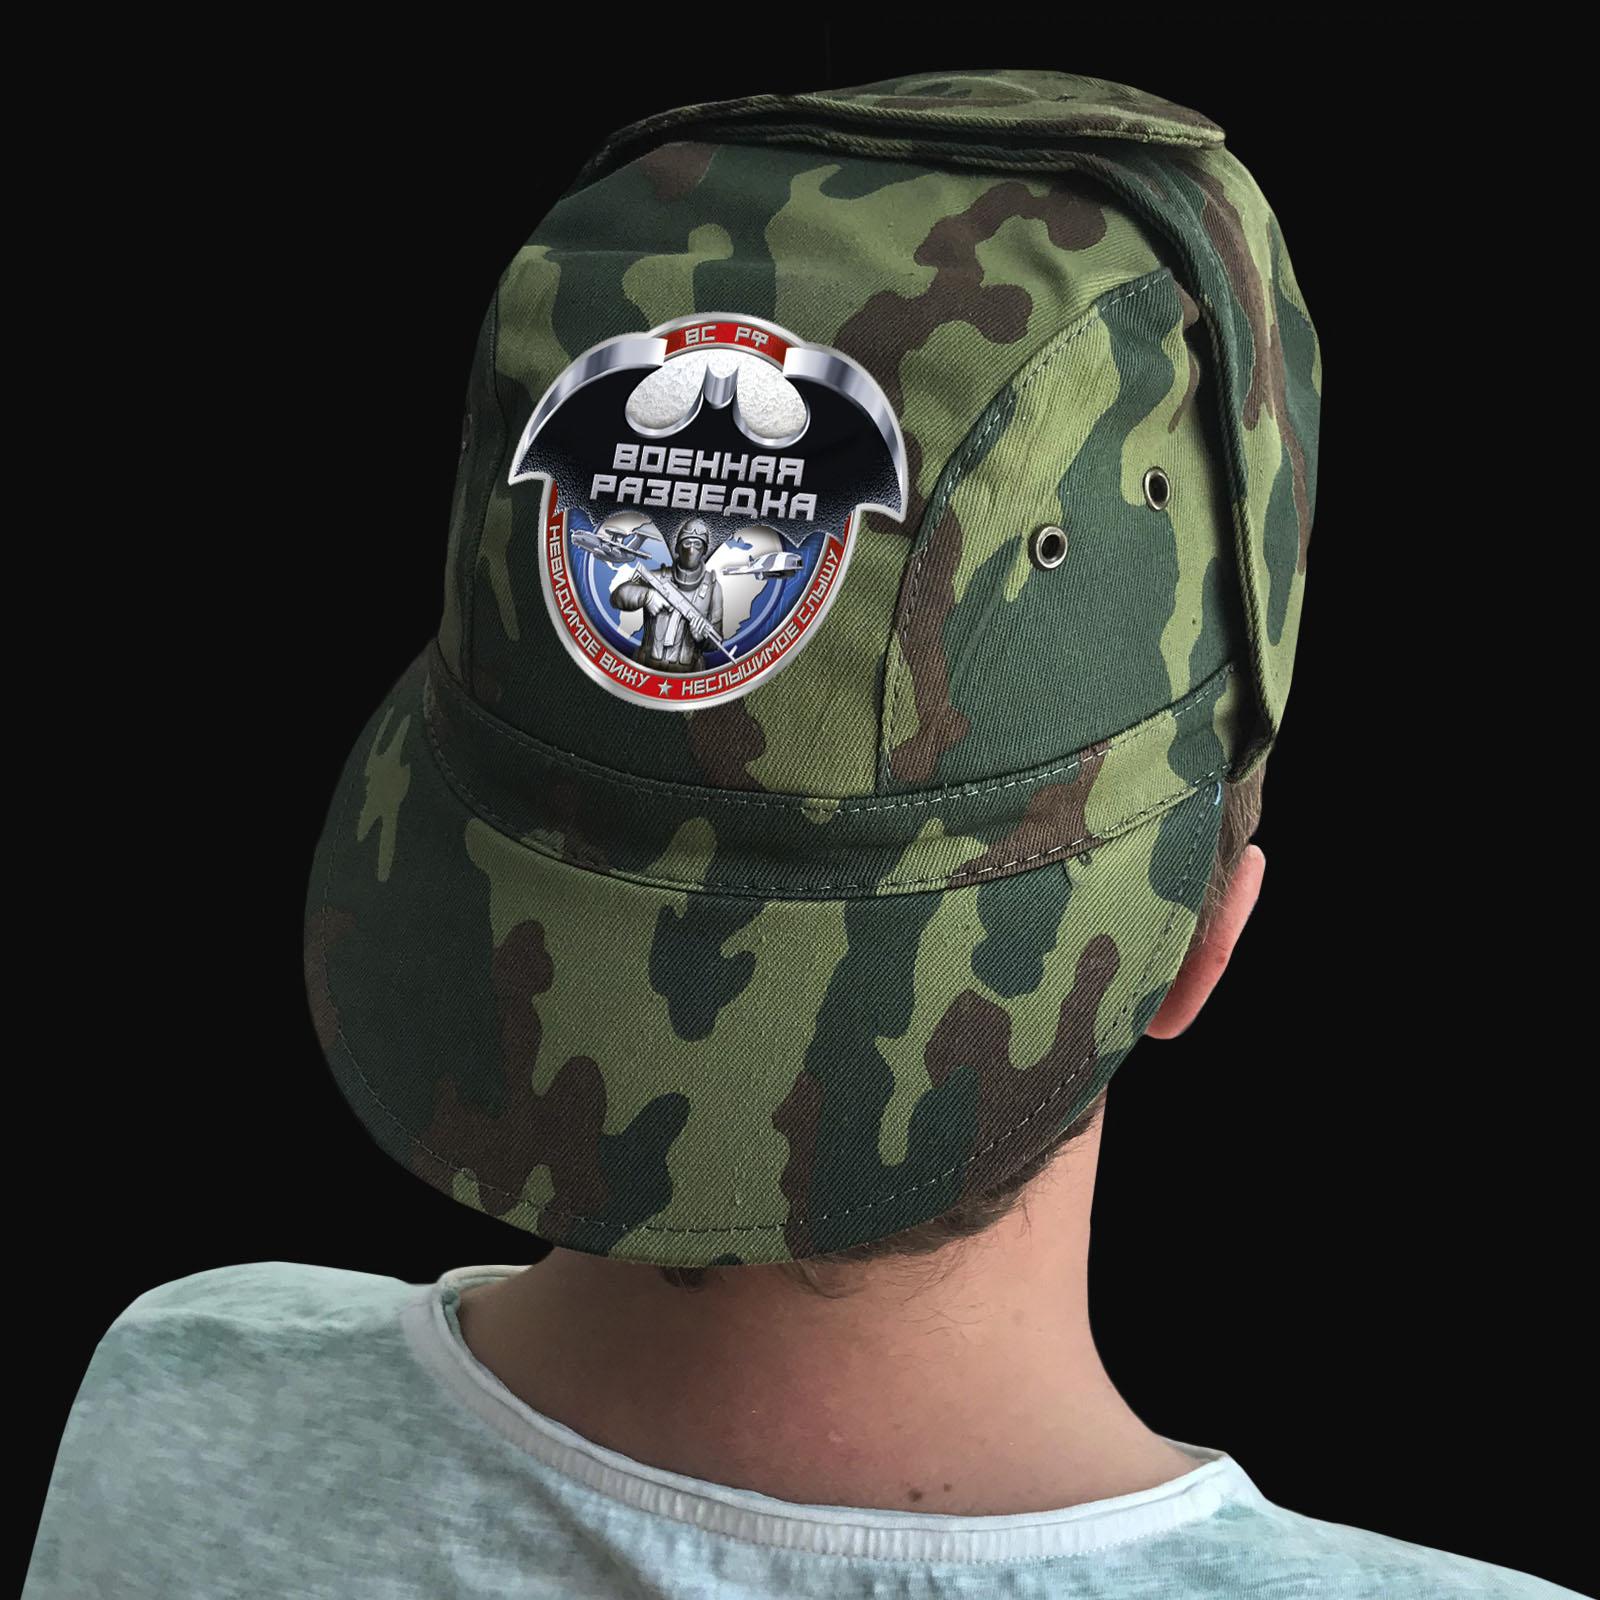 Купить камуфляжную форменную кепку с термонаклейкой Военная Разведка оптом выгодно